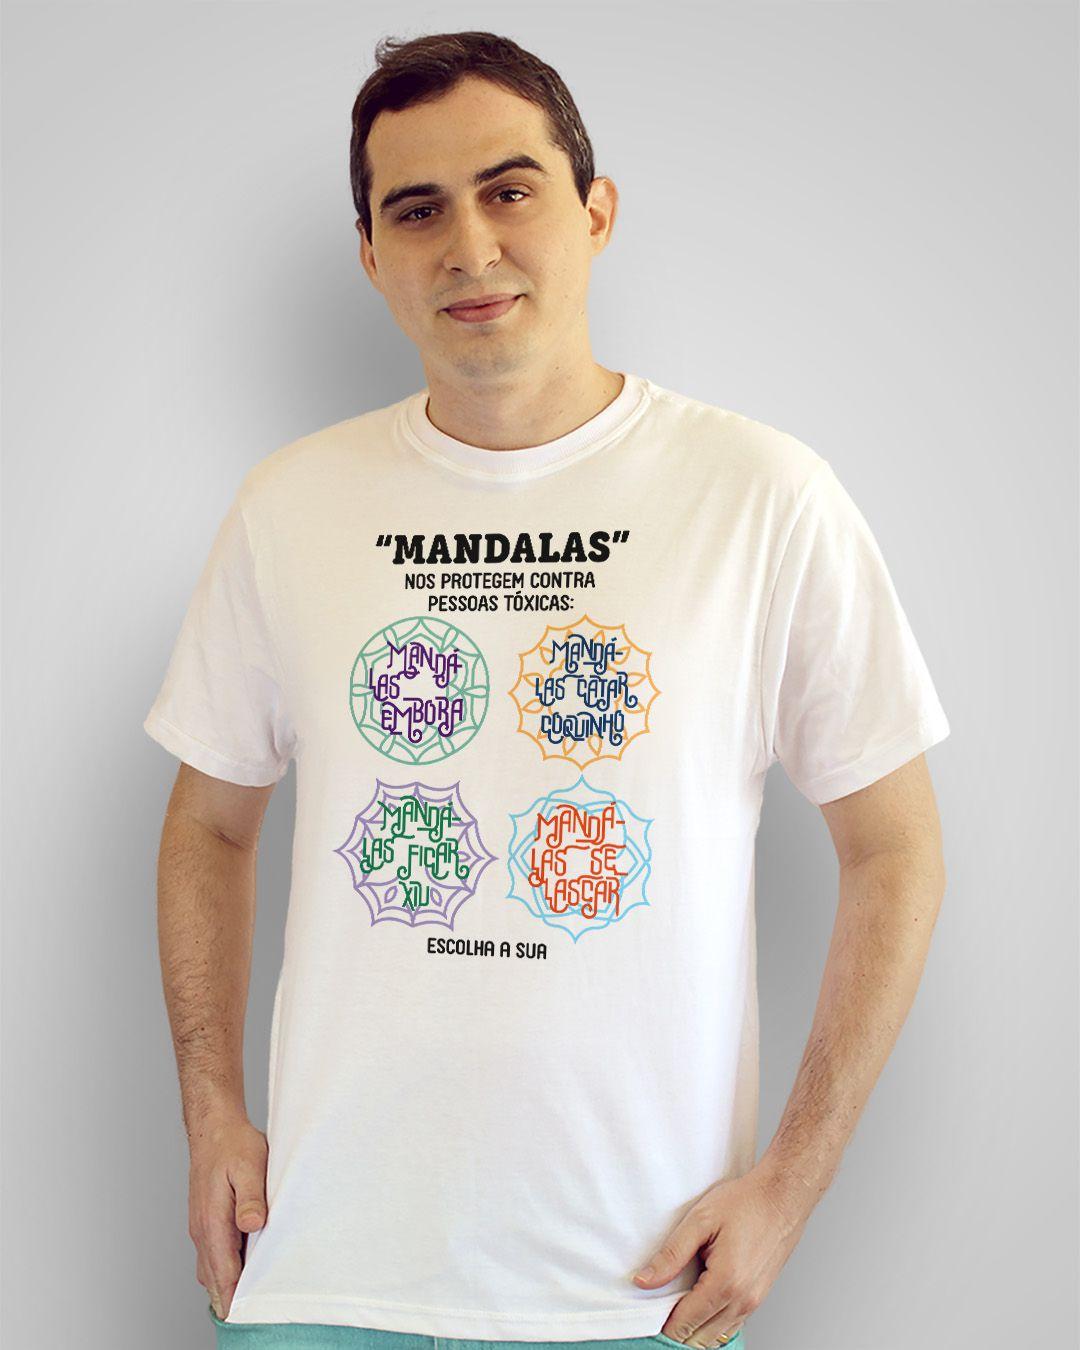 """Camiseta """"Mandalas"""" nos protegem contra pessoas tóxicas..."""